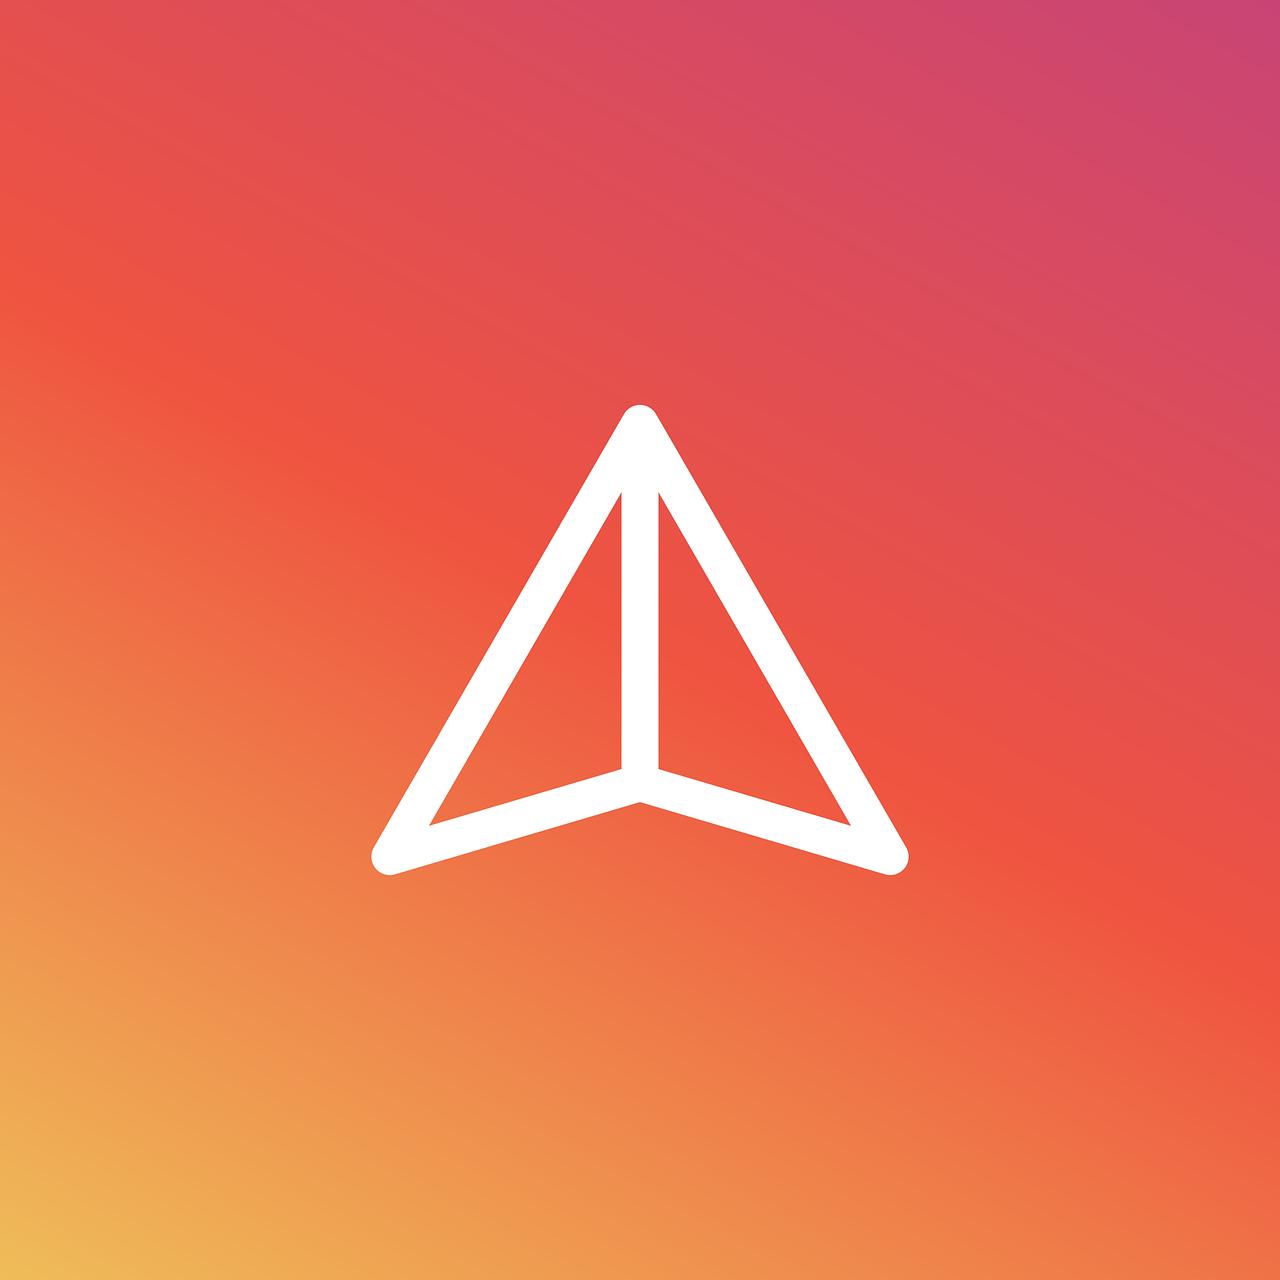 4 buenas prácticas en Instagram para ganar seguidores de calidad